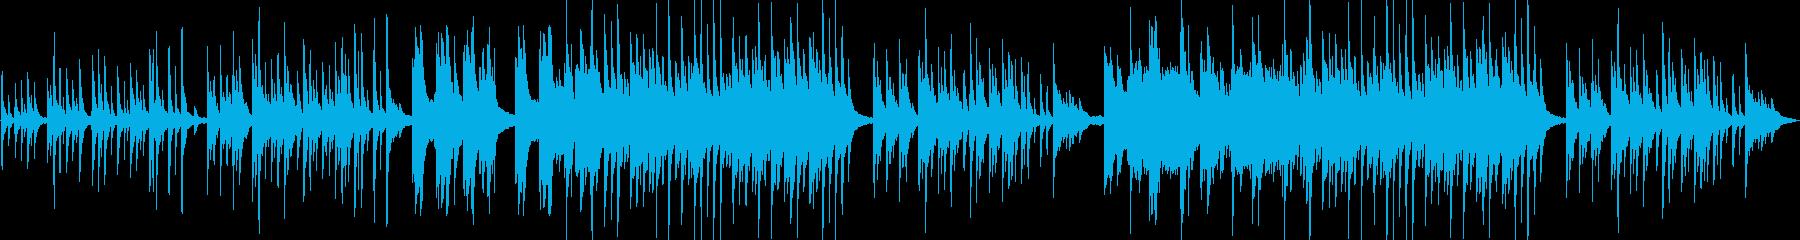 和風ピアノバラード 悲しい切ない懐かしいの再生済みの波形